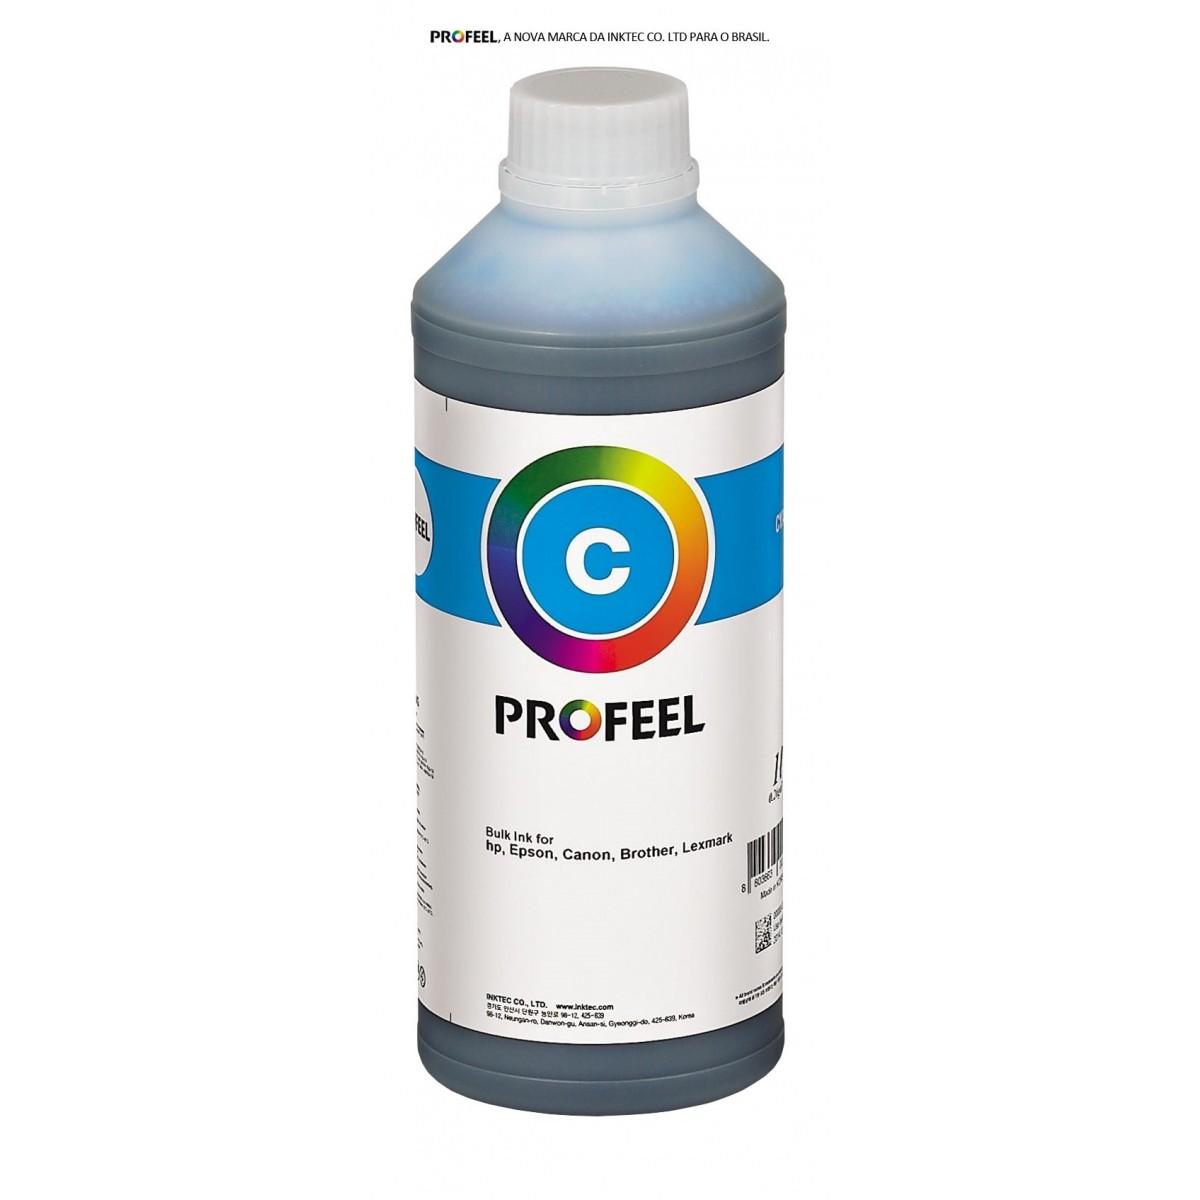 Tinta corante InkTec Profeel modelo H8950D-01LC | Frasco de 1 litro | Cor : Ciano